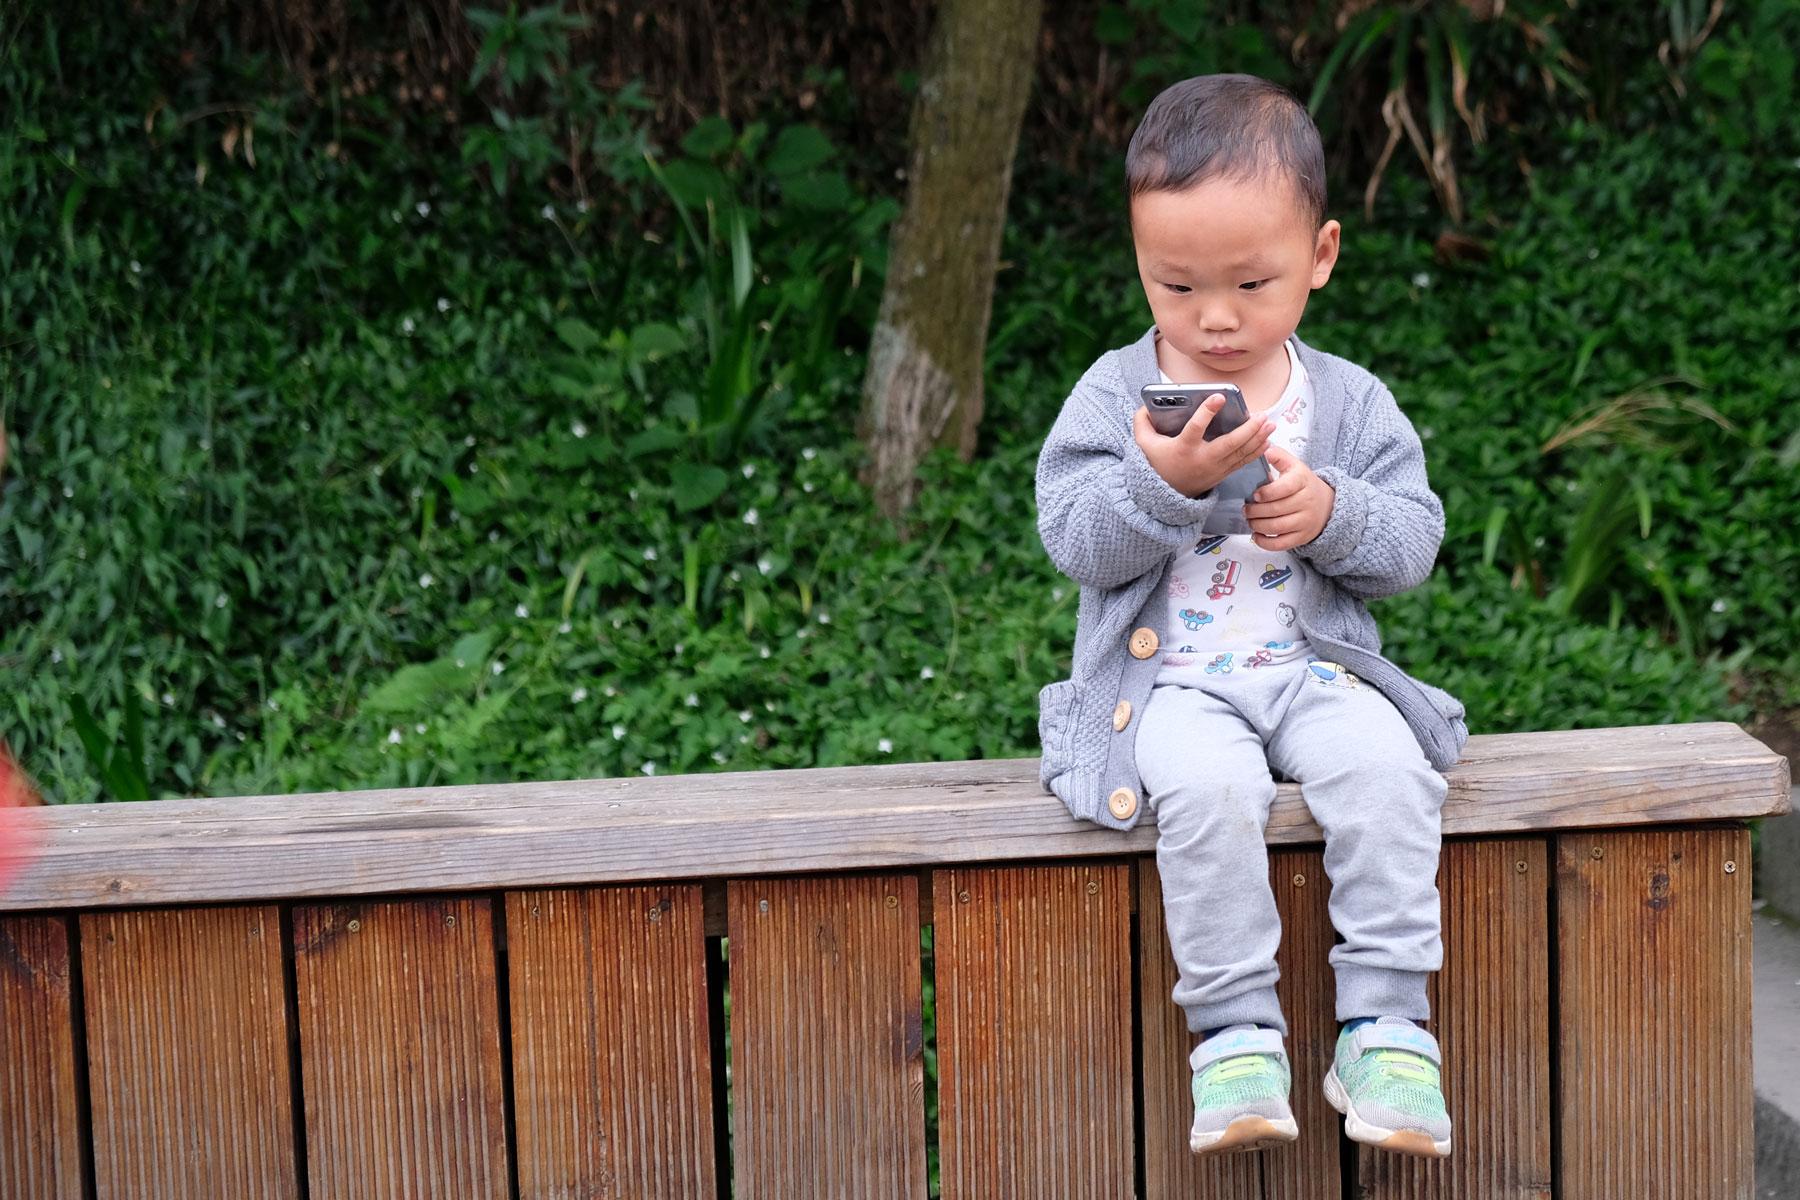 Früh übt sich. Fast alles kann man in China mit dem Handy erledigen: Kommunikation, Bezahlen, den Weg finden,... Von Jung bis Alt scheint jeder ein Smartphone zu haben.